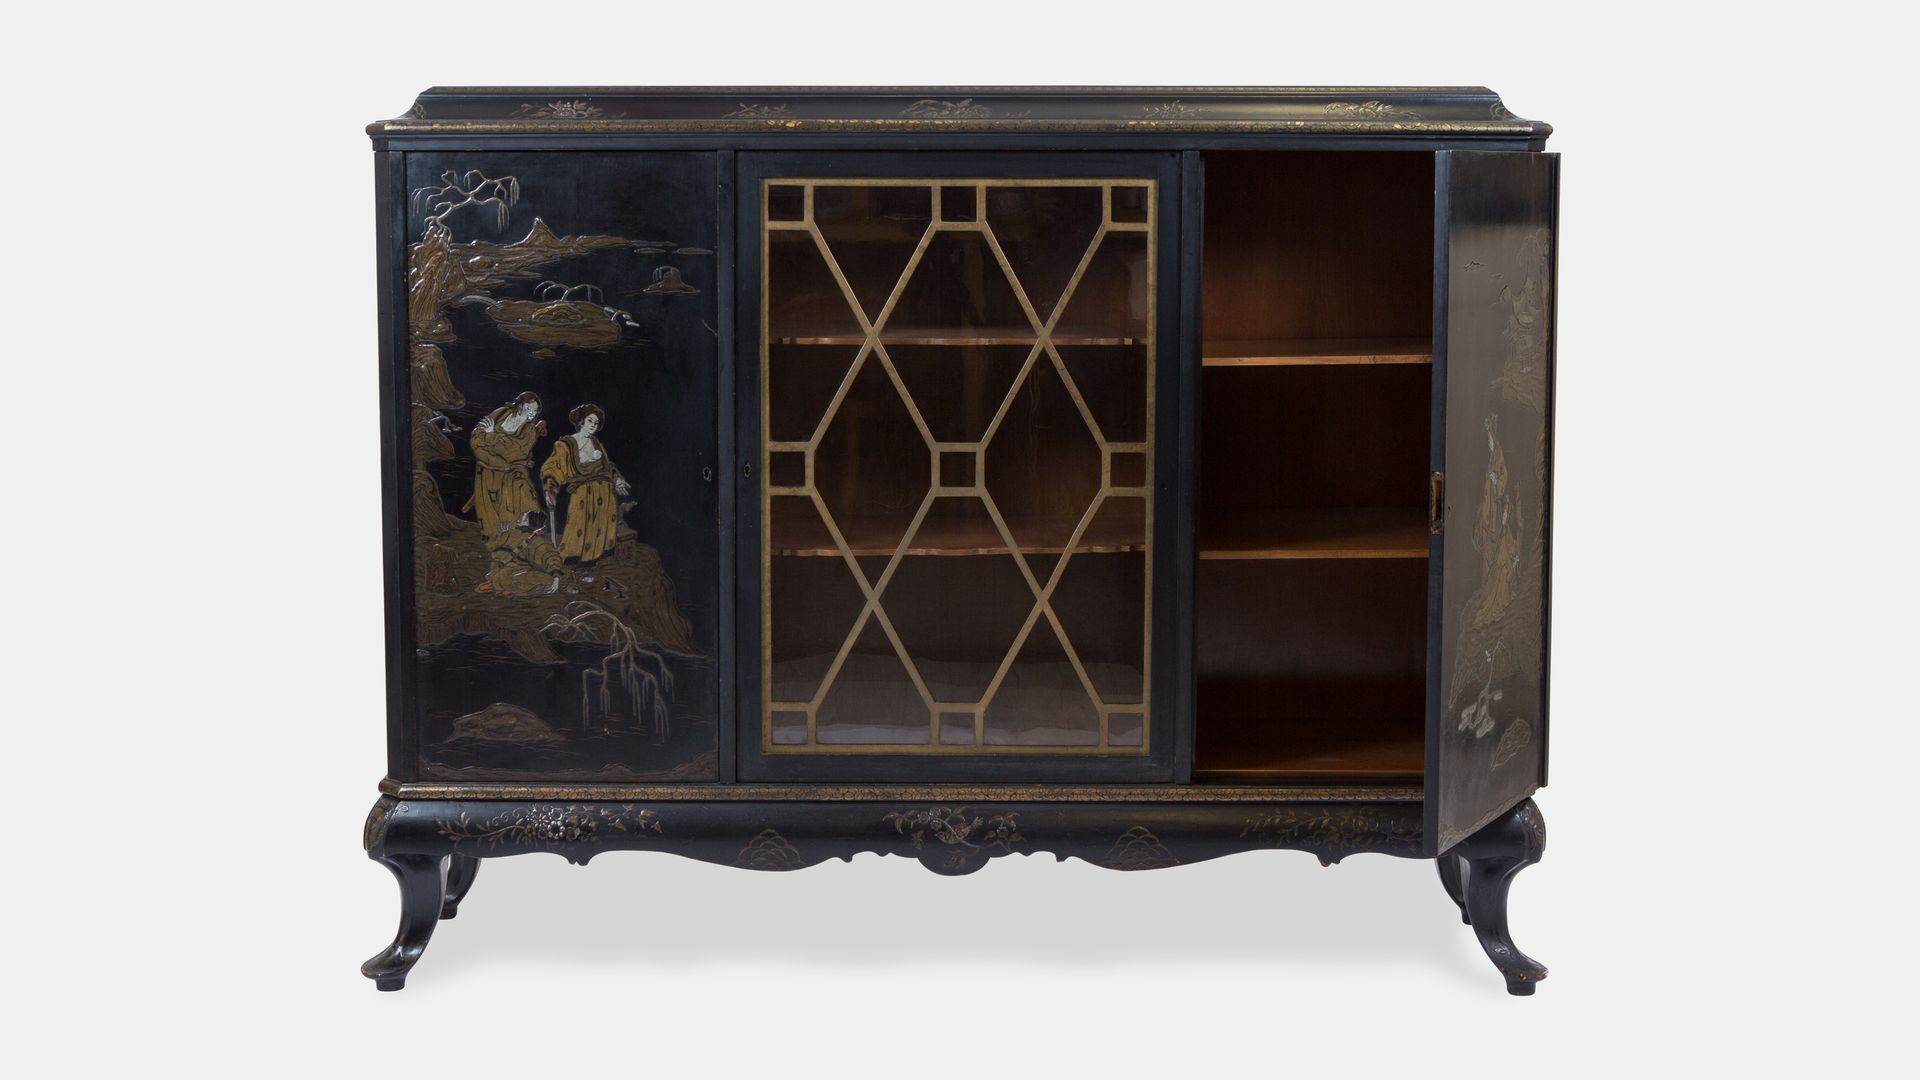 Mobili Cinesi Laccati Neri : Mobiletto in stile cinese di maison jansen in vendita su pamono